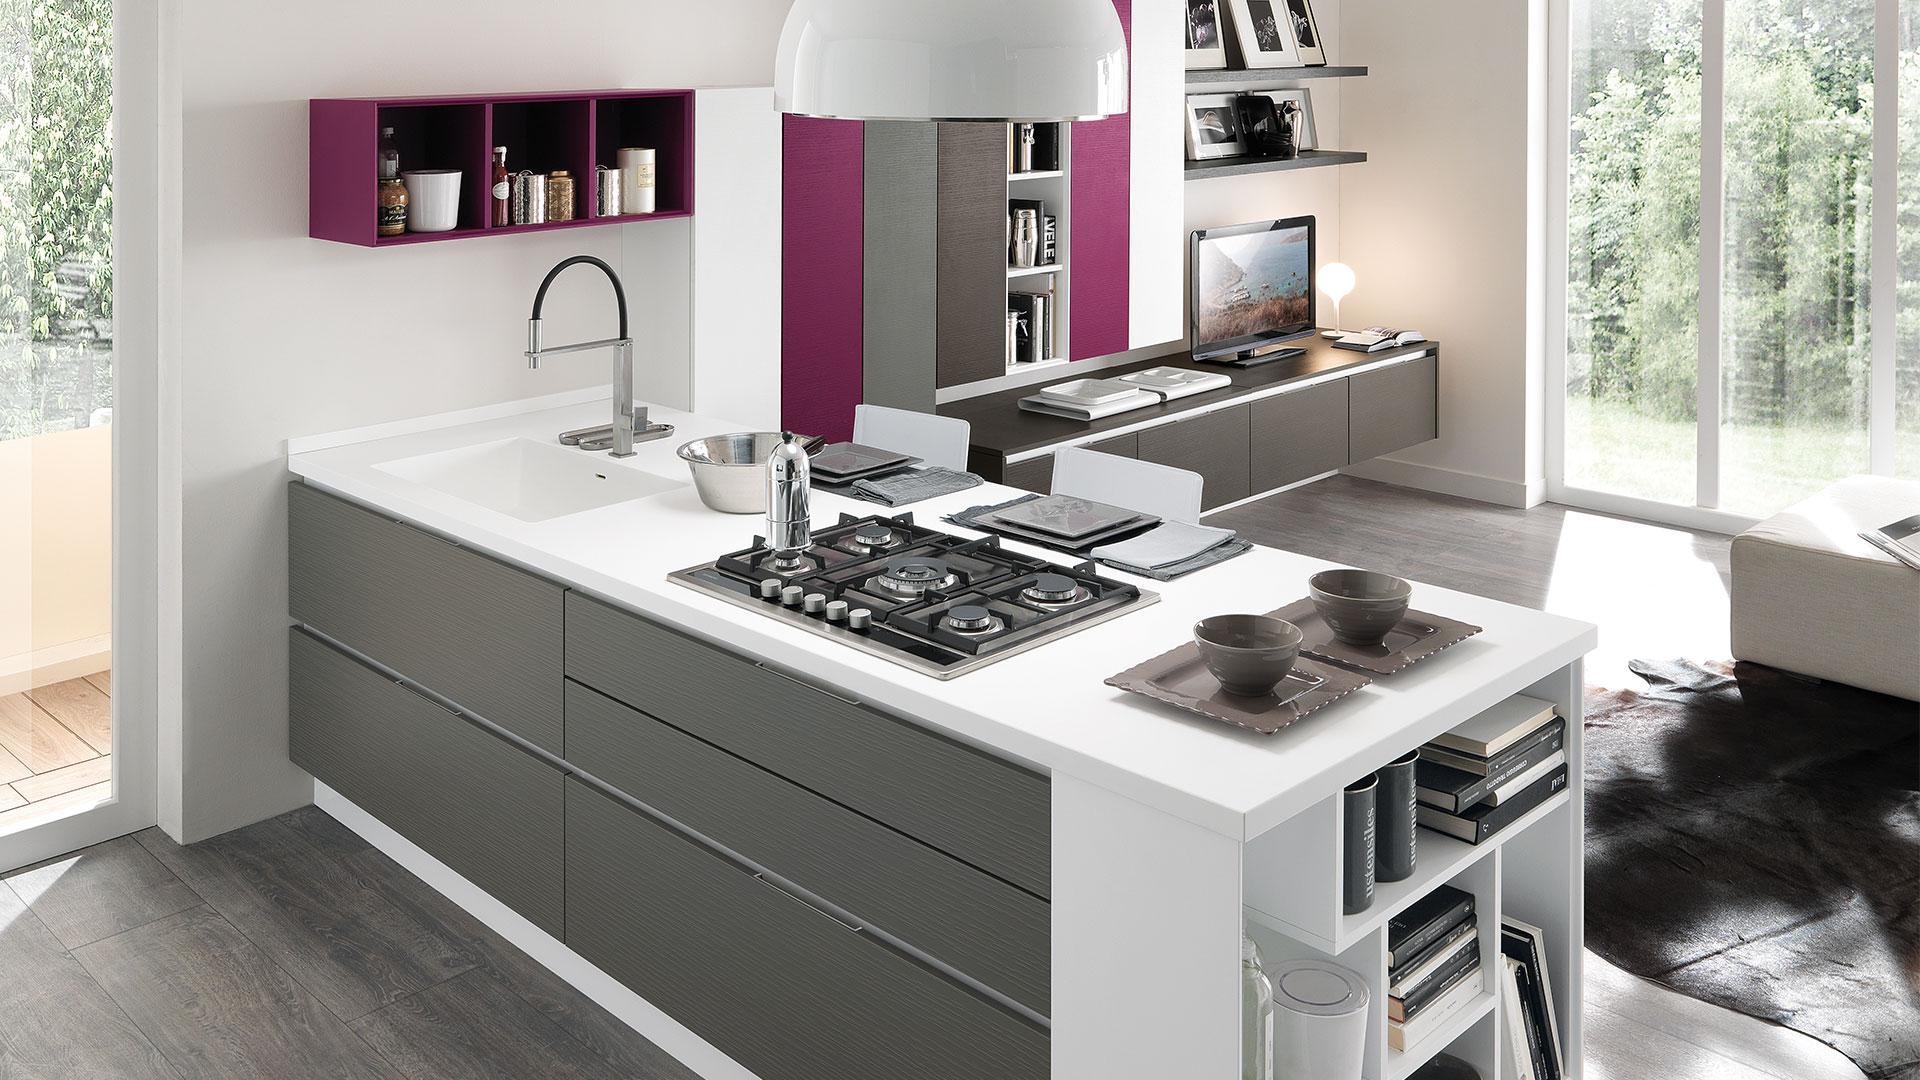 Cucine Moderne Bianche E Grigie Lube.01 Design Cucine Moderne